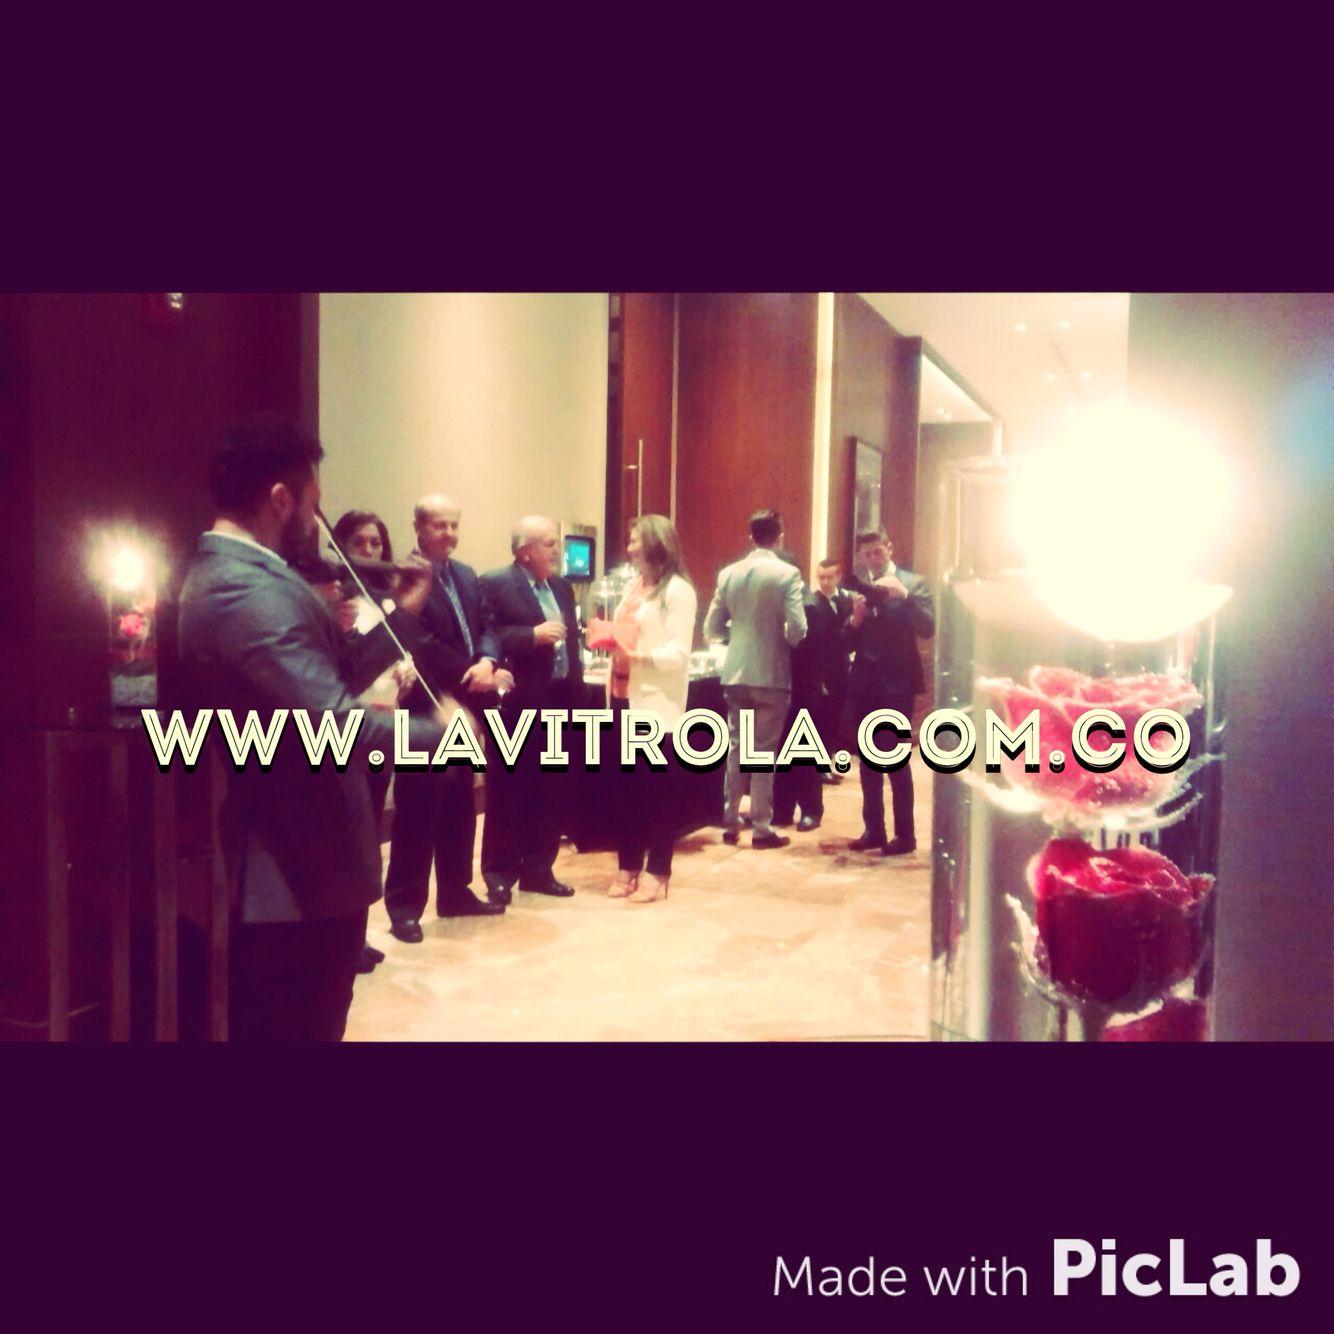 Anoche un Hit total nuestro show de Violinista con DJ en el grado de Felipe Bernal. No busques más YA nos encontraste!!! #events #eventos #eventsmusic #music #musica #matrimonio #MusicaBoda #musicaEventos #MusicaMatrimonio #violin #violinist #LaVitrola #vitrola #bogota #colombia